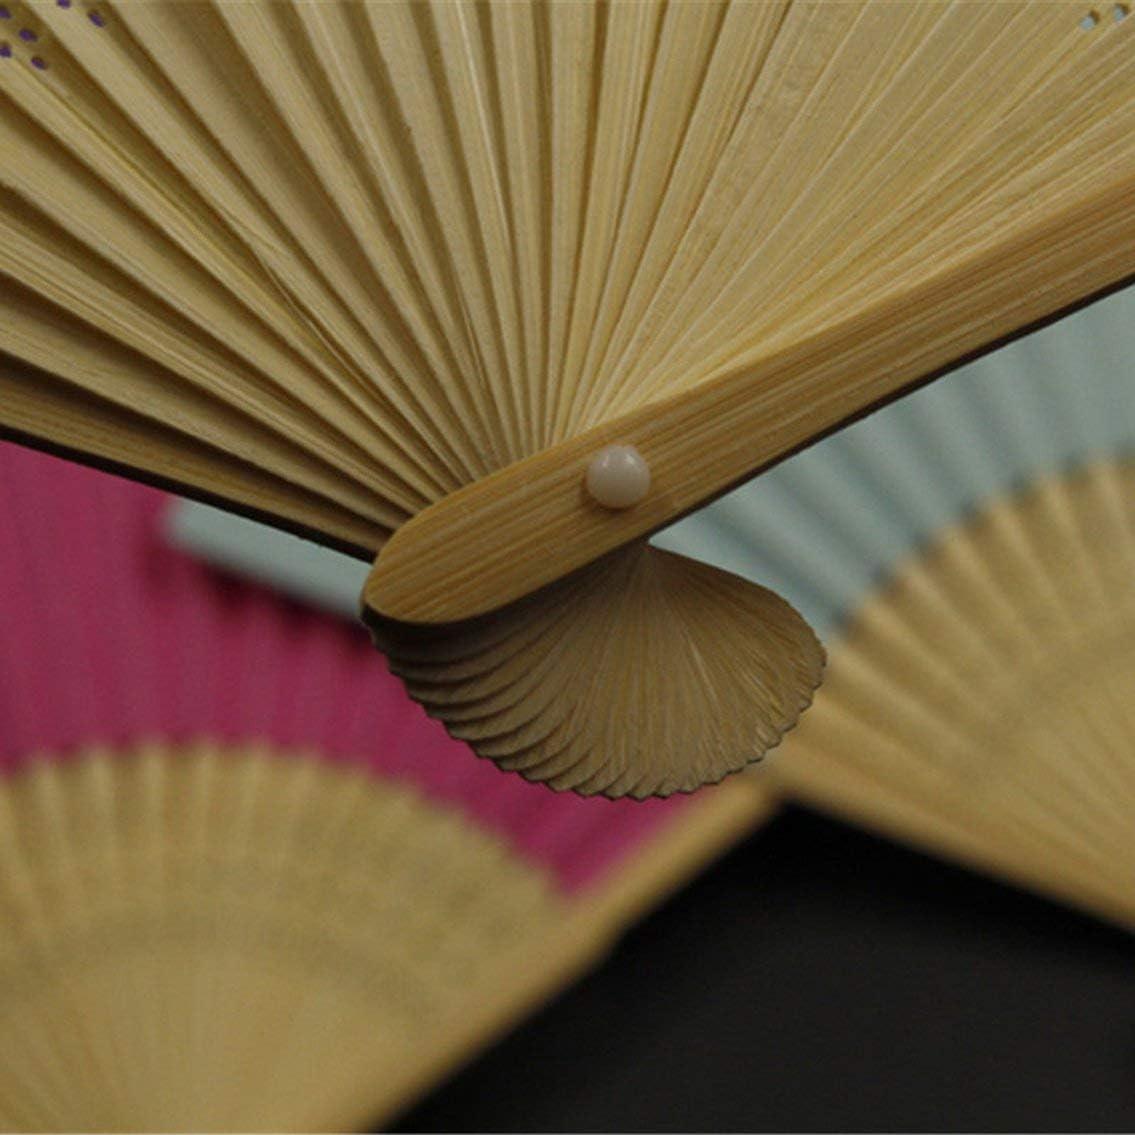 Ventilatore pieghevole in stile cinese estivo allaperto di viaggio ventola di raffreddamento ventilatore pieghevole universale ventilatore decorativo decorazione casa decoro//verde fluorescente